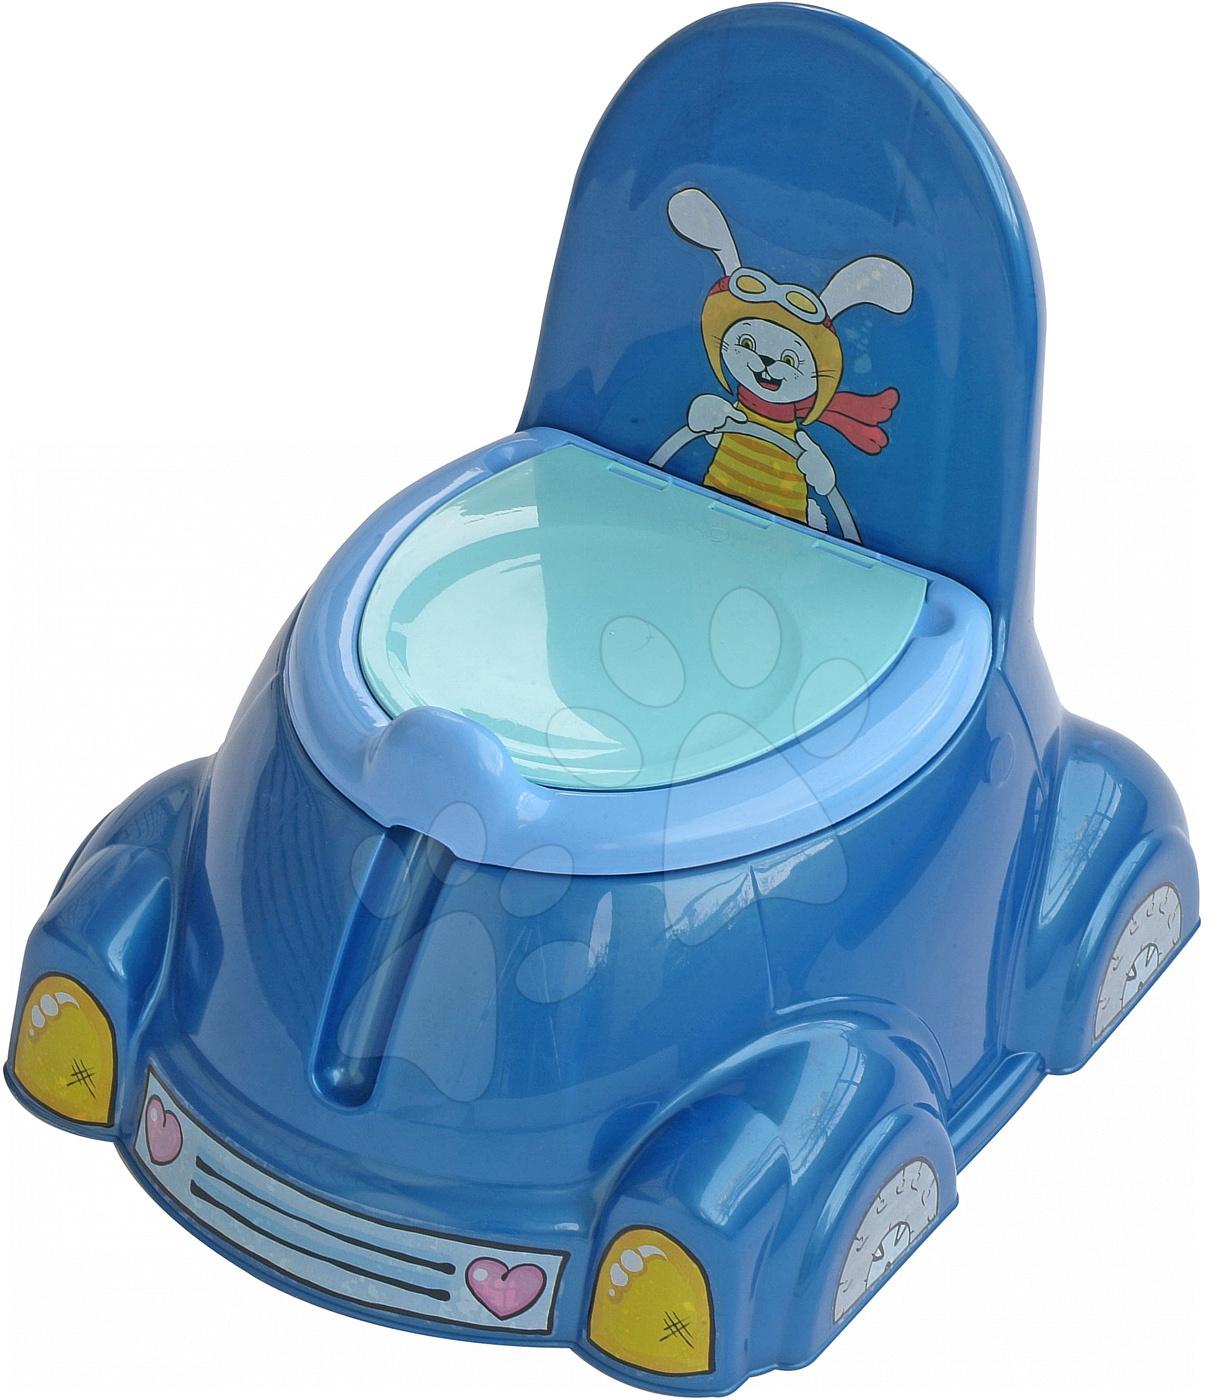 Nočníky a redukcie na toaletu - Nočník auto chrobáčik PalPlay modrý od 12 mes